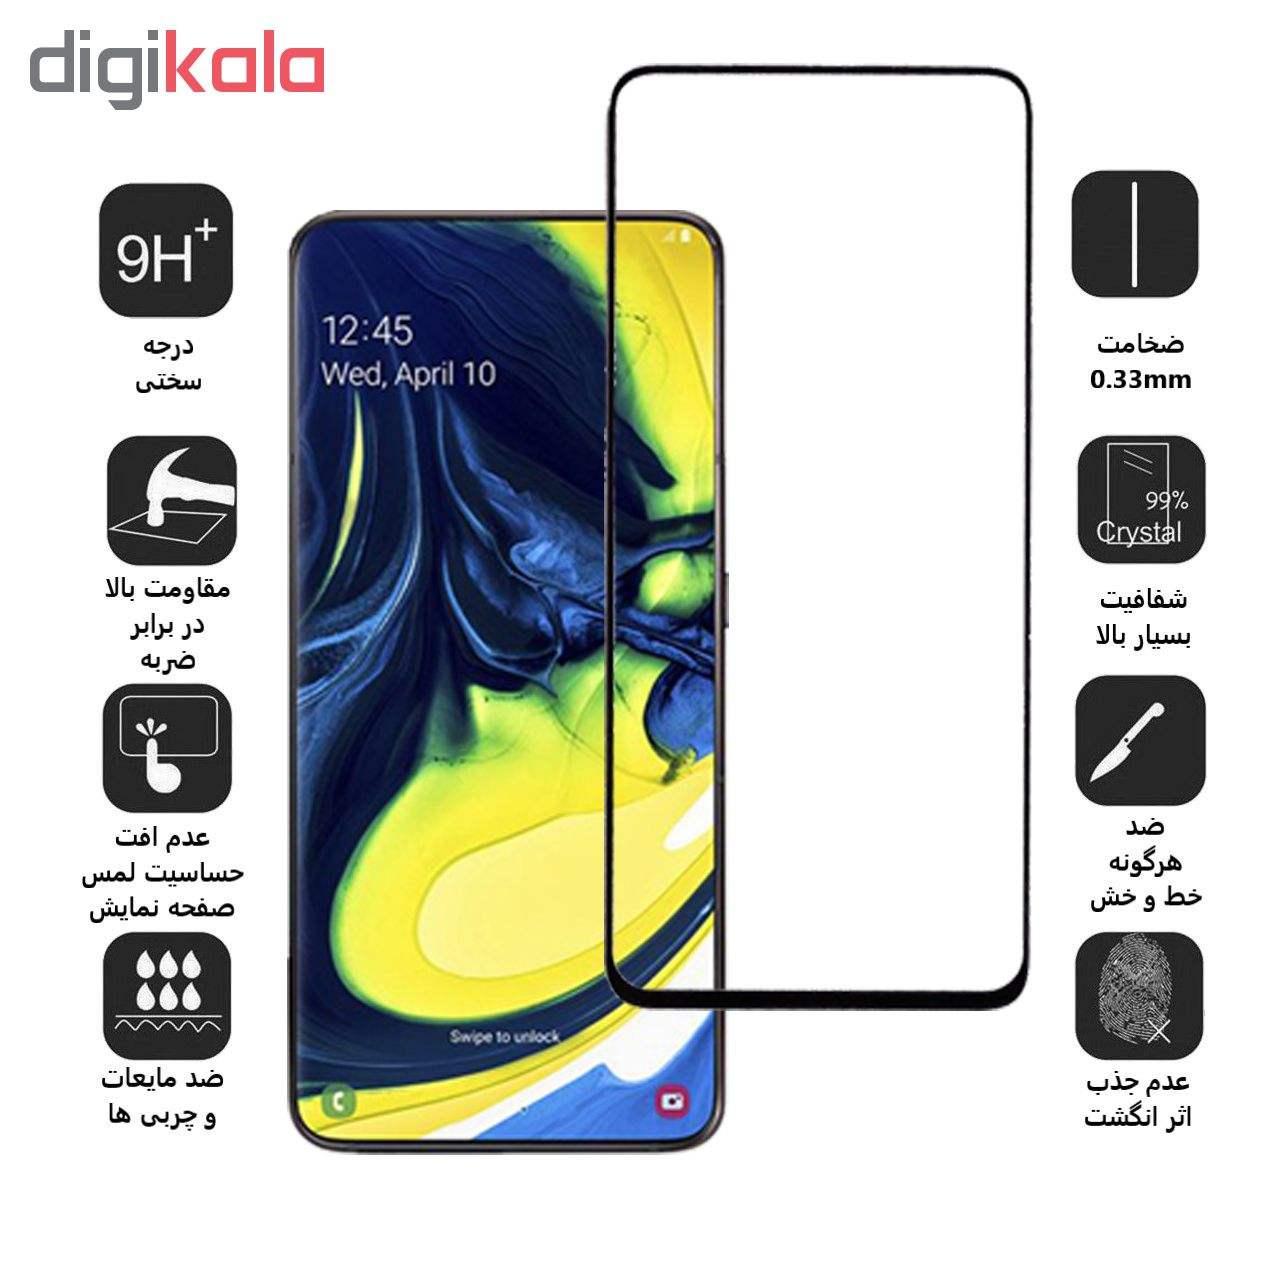 محافظ صفحه نمایش 5D بوف مدل F33 مناسب برای گوشی موبایل سامسونگ Galaxy A80 main 1 3